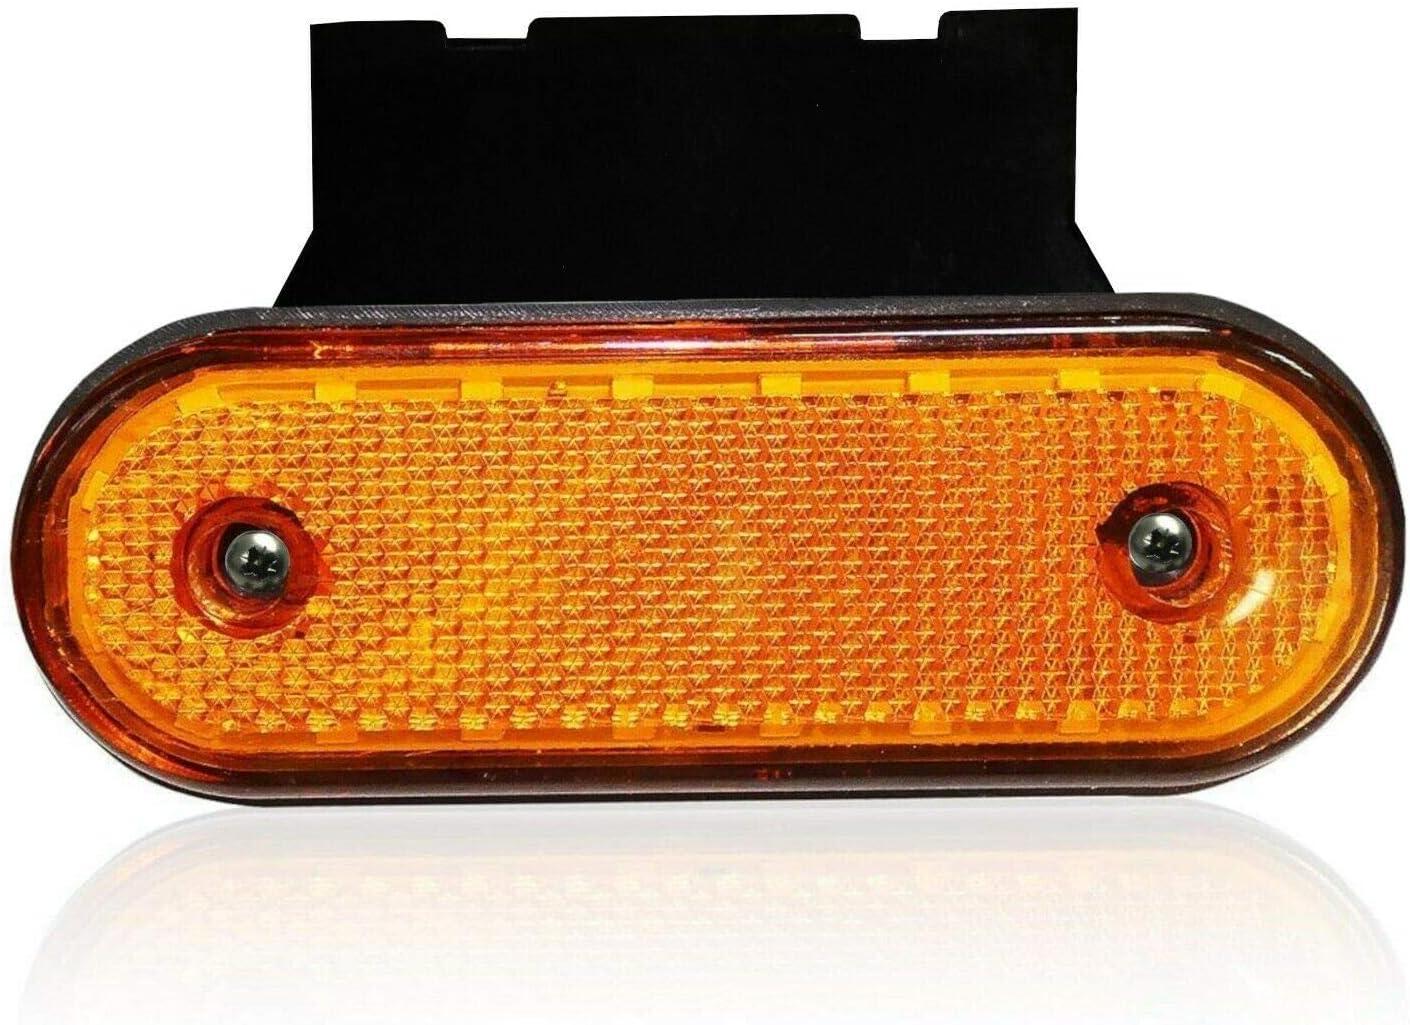 colore: arancione ovali 6 luci di posizione e staffe per camion e rimorchi a LED Flexzon